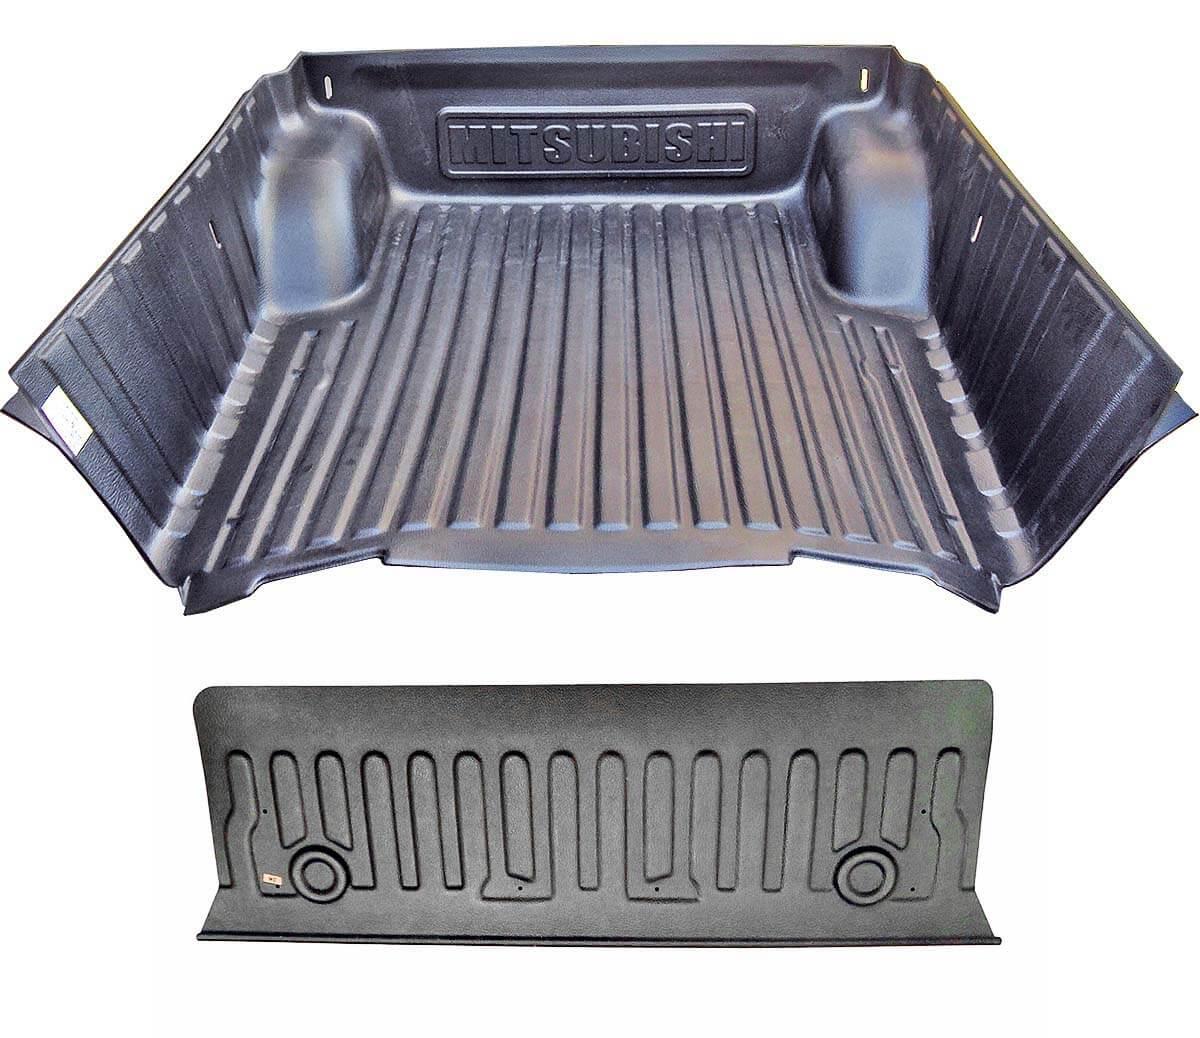 Protetor de caçamba L200 Triton 2012 a 2017 XB, GL, GLS, GLX e Outdoor MT Diesel